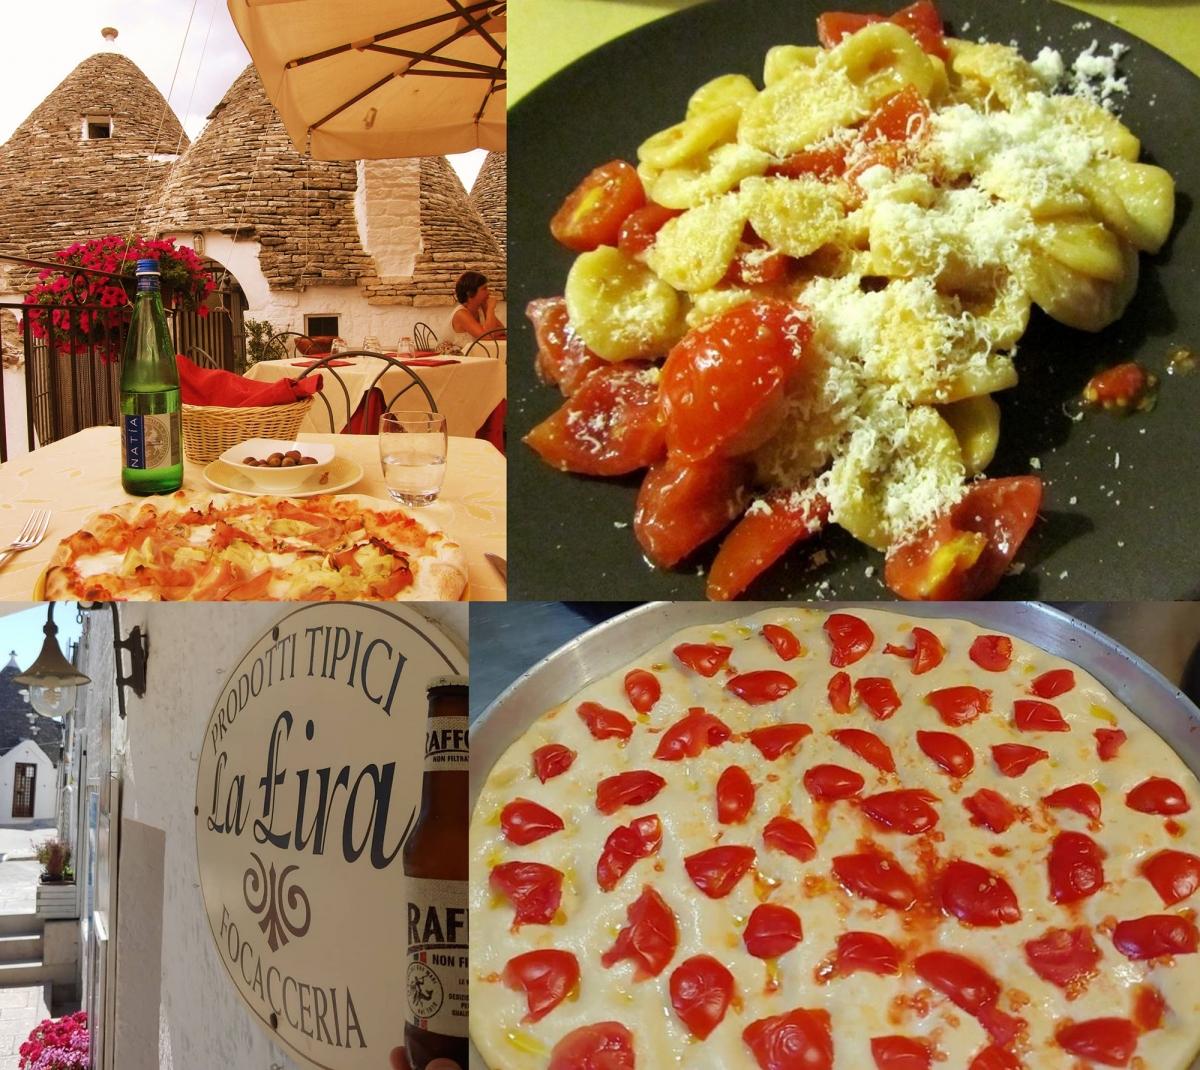 Ở trục đường chính Largo Martellotta là nhiều nhà hàng, quán bar. Bạn có thể tìm ăn các món Ý truyền thống với chất lượng tuyệt vời xung quanh. Đừng quên thưởng thức rượu vang Primitivo nồng nàn được sản xuất từ nho trồng nơi đây và món bánh Focaccia tại nhà hàng La Lira Focacceria (địa chỉ: Largo Martellotta 67, 70011 Alberobello). Đây là món bánh trứ danh của người Ý, có mùi thơm dịu nhẹ của lá hương thảo kết hợp với vừng, cà chua tươi, rau củ và thịt nguội, ruột bánh mềm xốp thơm ngậy. Người Ý thưởng thức món này cùng chút rượu khai vị.